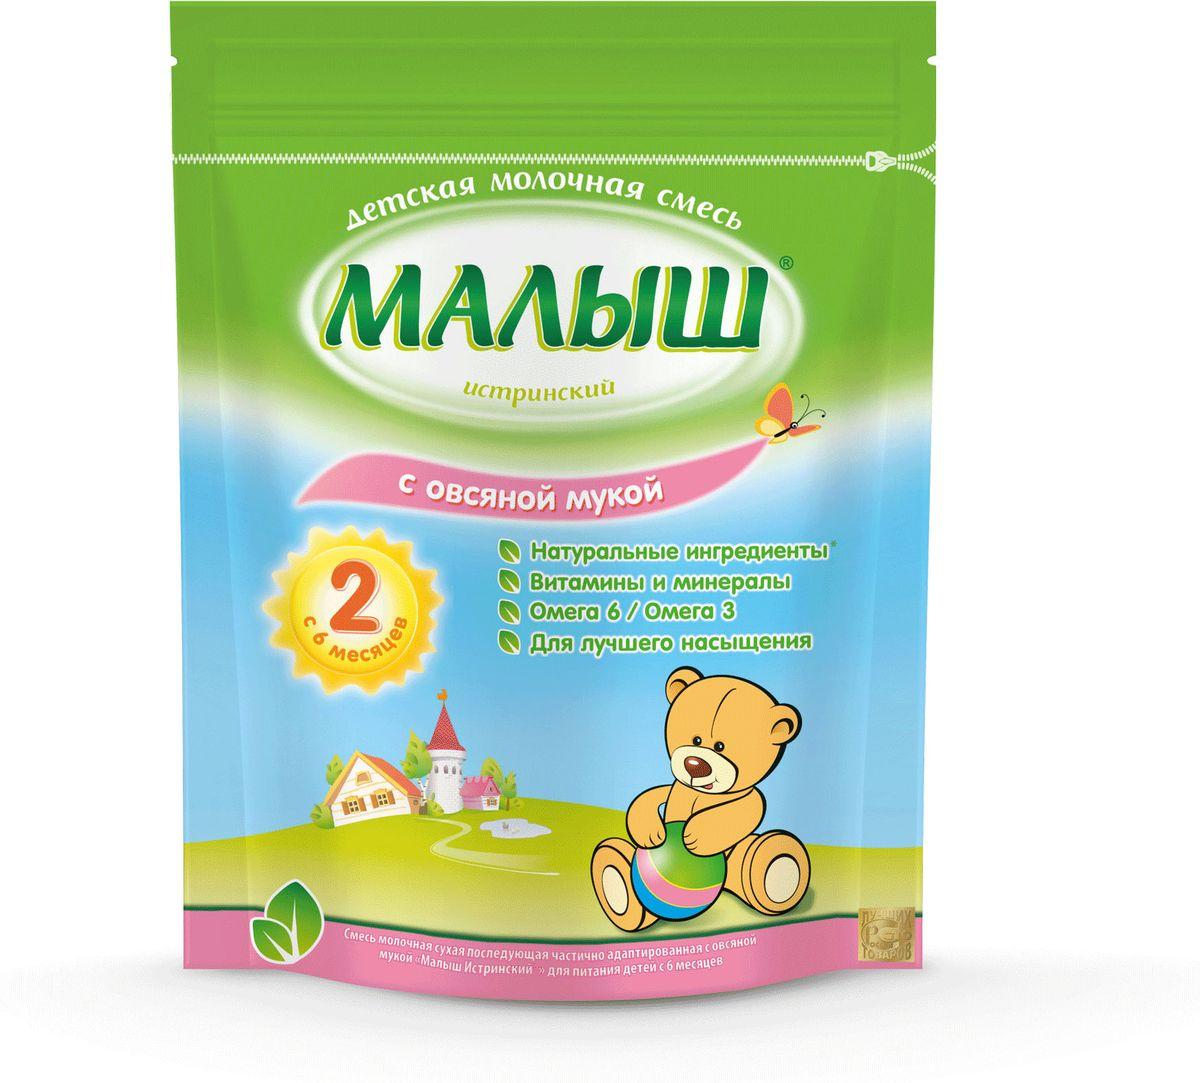 Малыш Истринский молочная смесь с овсяной мукой, с 6 месяцев, 350 г0120710Молочная смесь Малыш Истринский с овсяной мукой с 6 мес. 350 г Молочная смесь Малыш Истринский с овсяной мукой - молочная сухая последующая частично адаптированная смесь. Содержит все необходимые витамины, минералы и полезные вещества, которые непосредственно влияют на развитие малыша. Состав обогащен овсяной мукой, благодаря которой смесь обладает выраженным питательным и насыщающим эффектом. Именно поэтому она хорошо утоляет голод и подходит для малышей, которые стали хуже выдерживать промежутки между кормлениями. Овсяная мука питательна и богата витаминами группы В, а также калием и магнием. Она мягко обволакивает слизистую желудка и помогает работе кишечника, облегчая процесс пищеварения малыша.